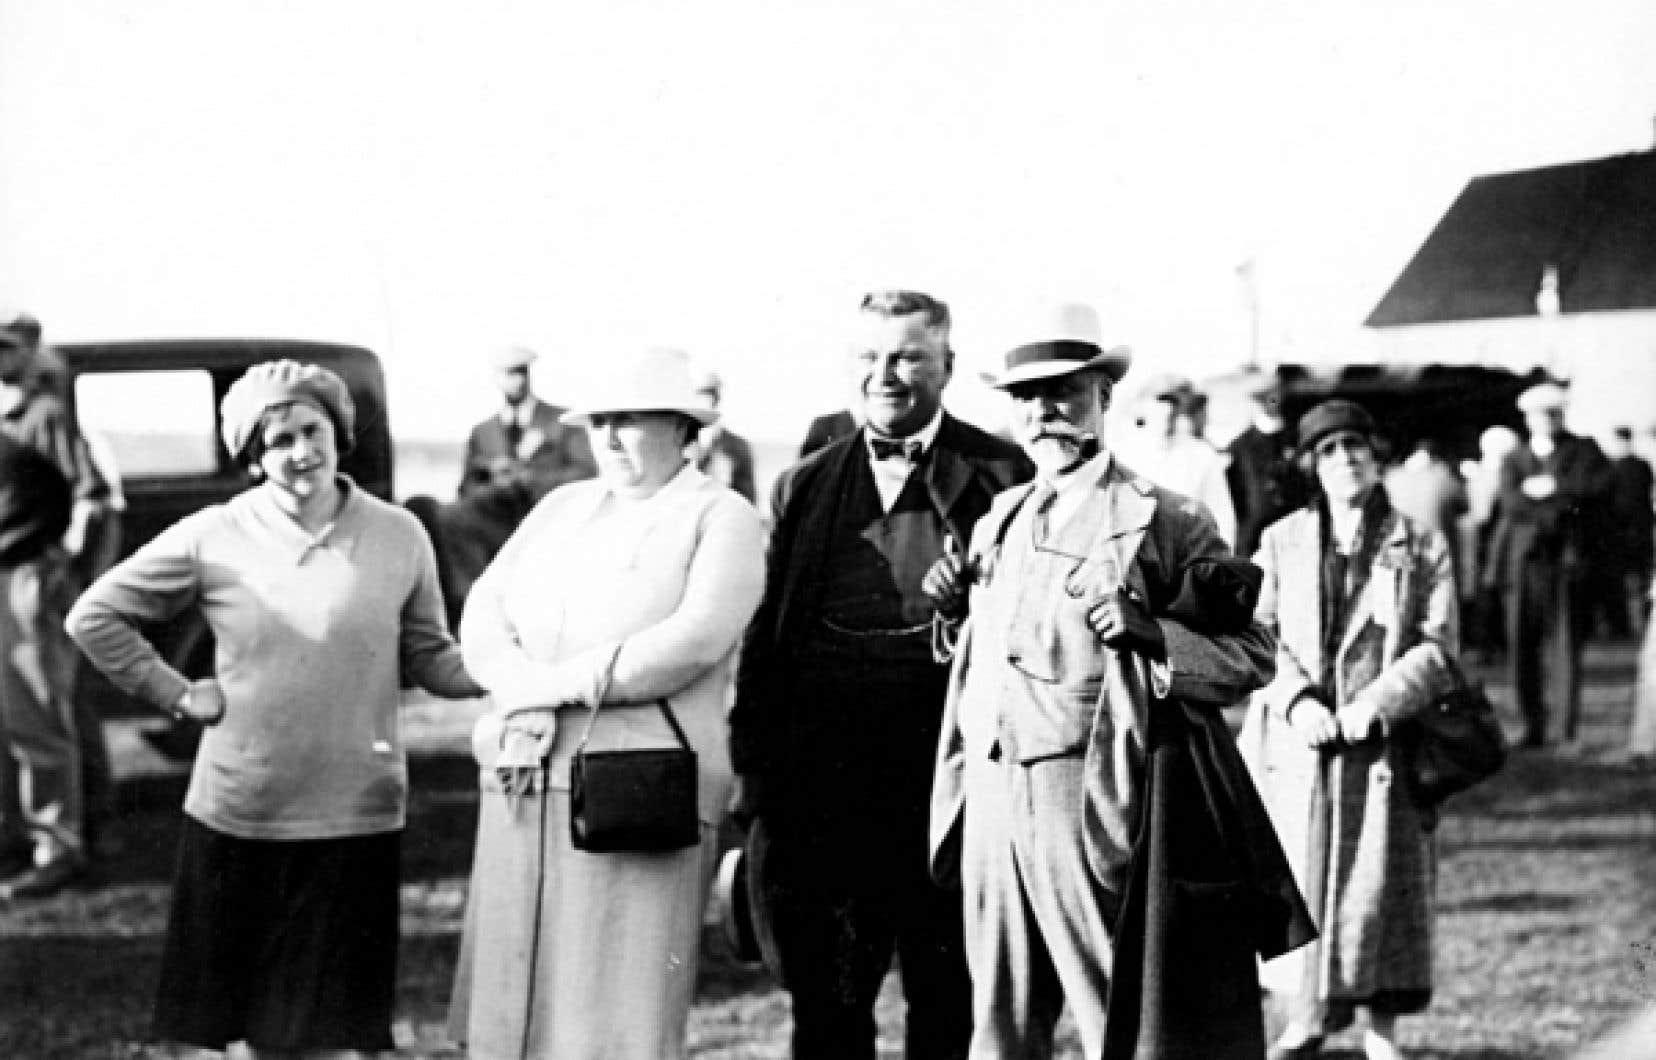 En 1924, en Acadie, Henri Bourassa et les «pèlerins du Québec» furent partout acclamés «avec ferveur, et parfois avec des larmes».